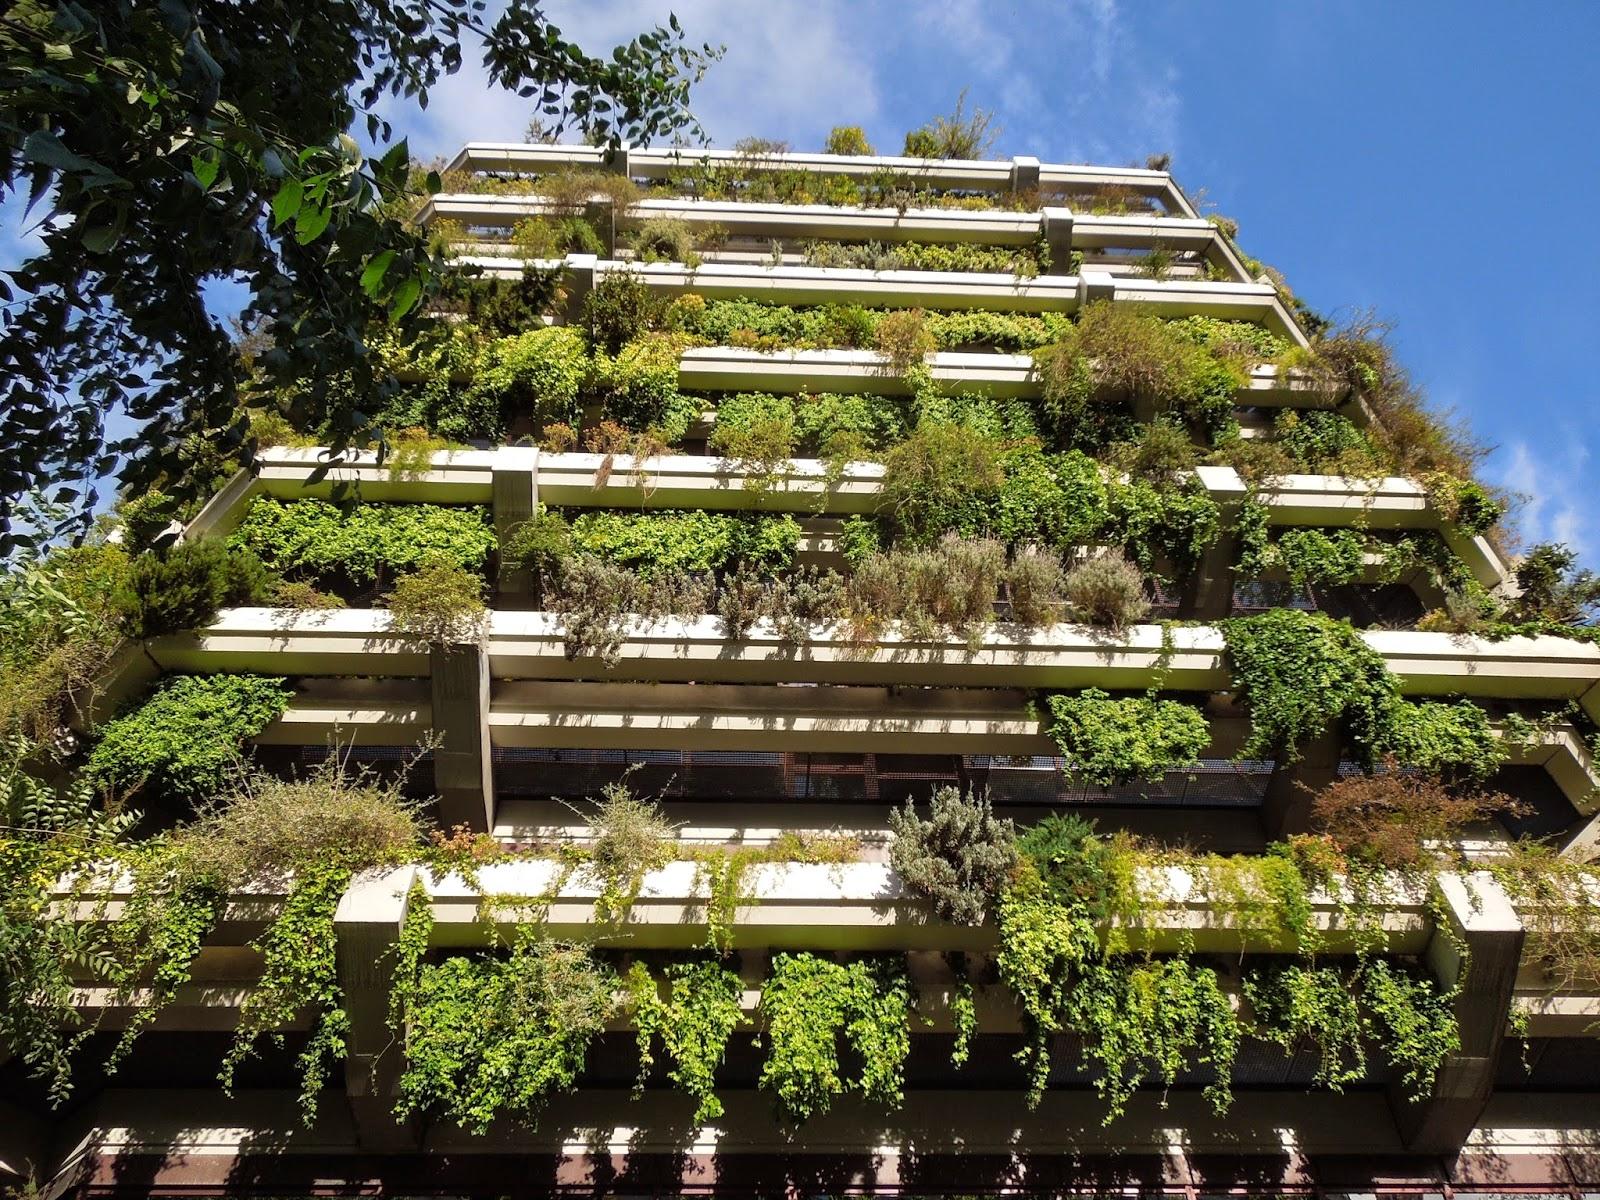 El primer jard n vertical en barcelona bot nic serrat for Edificios con jardines verticales